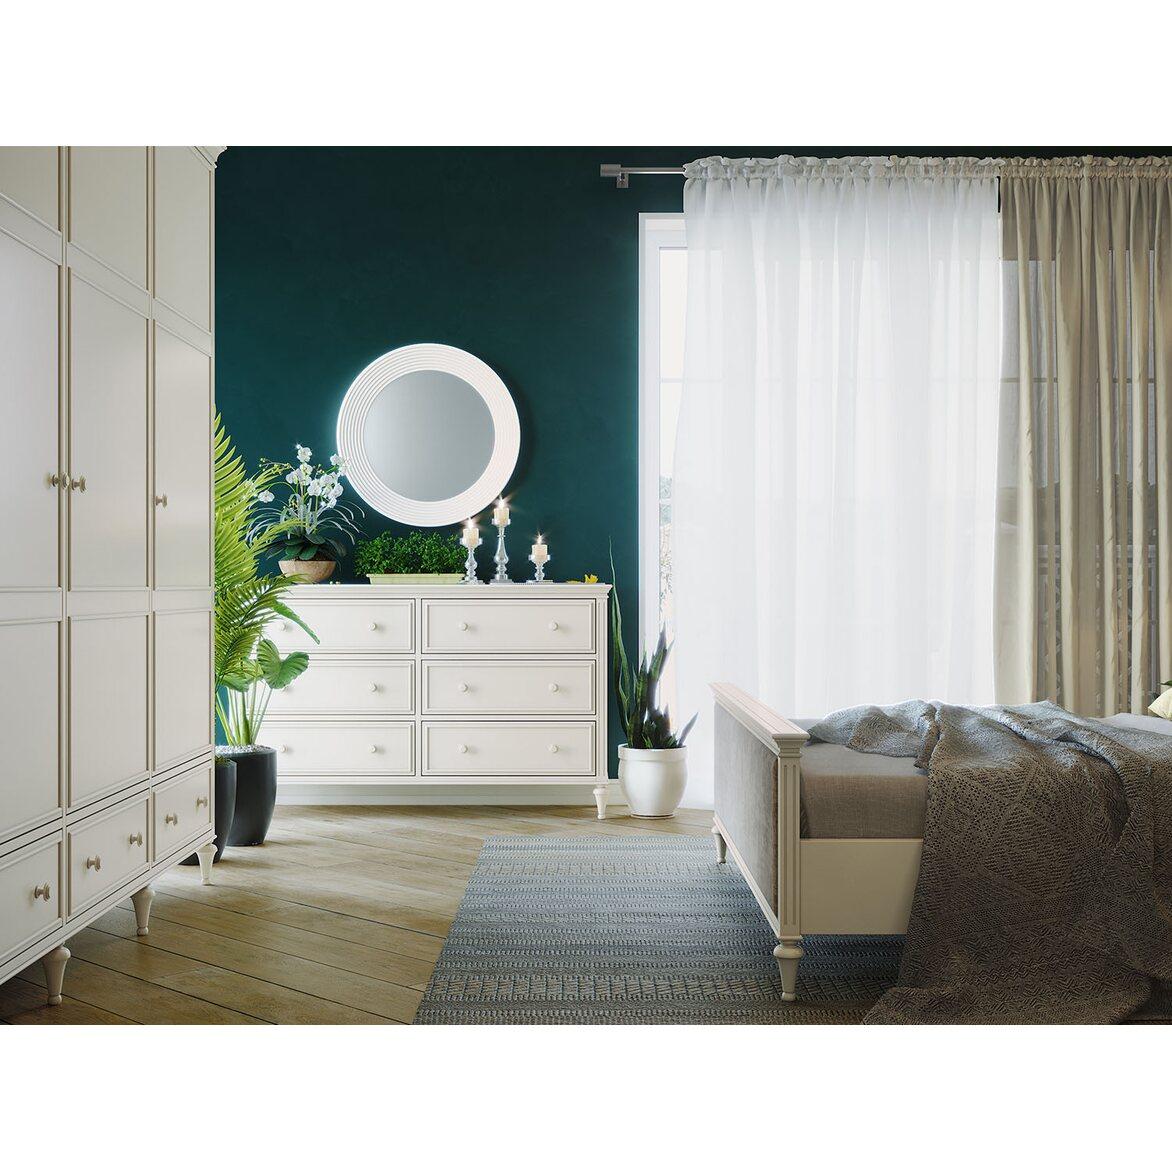 Кровать Riverdi, с изножьем 4 | Двуспальные кровати Kingsby